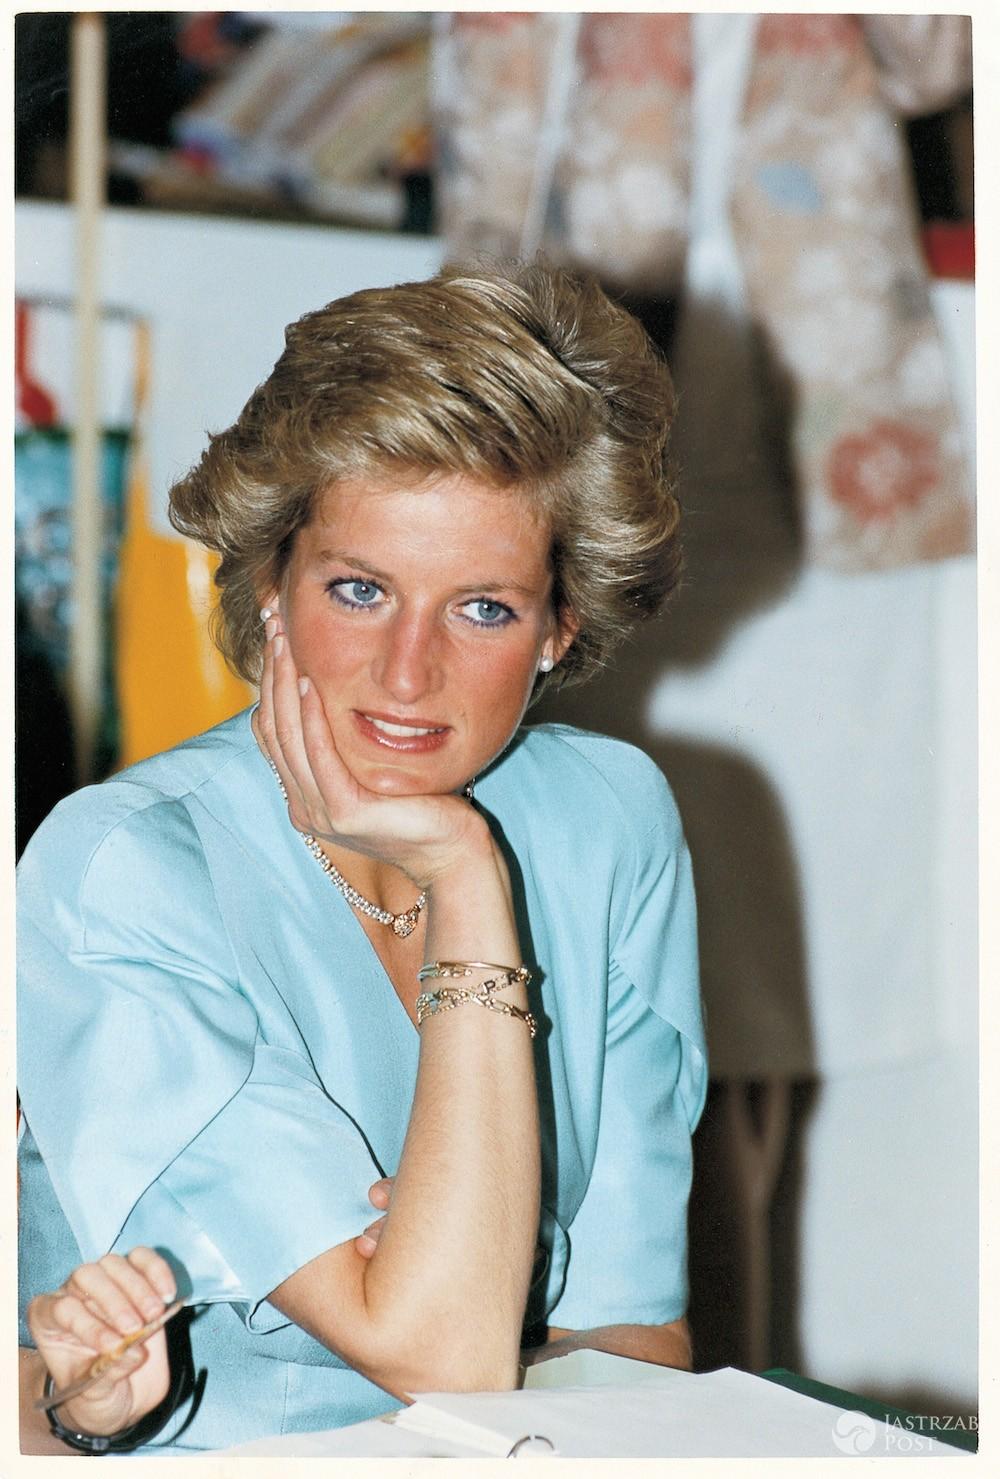 Księżna Diana miała zostać zamordowana?